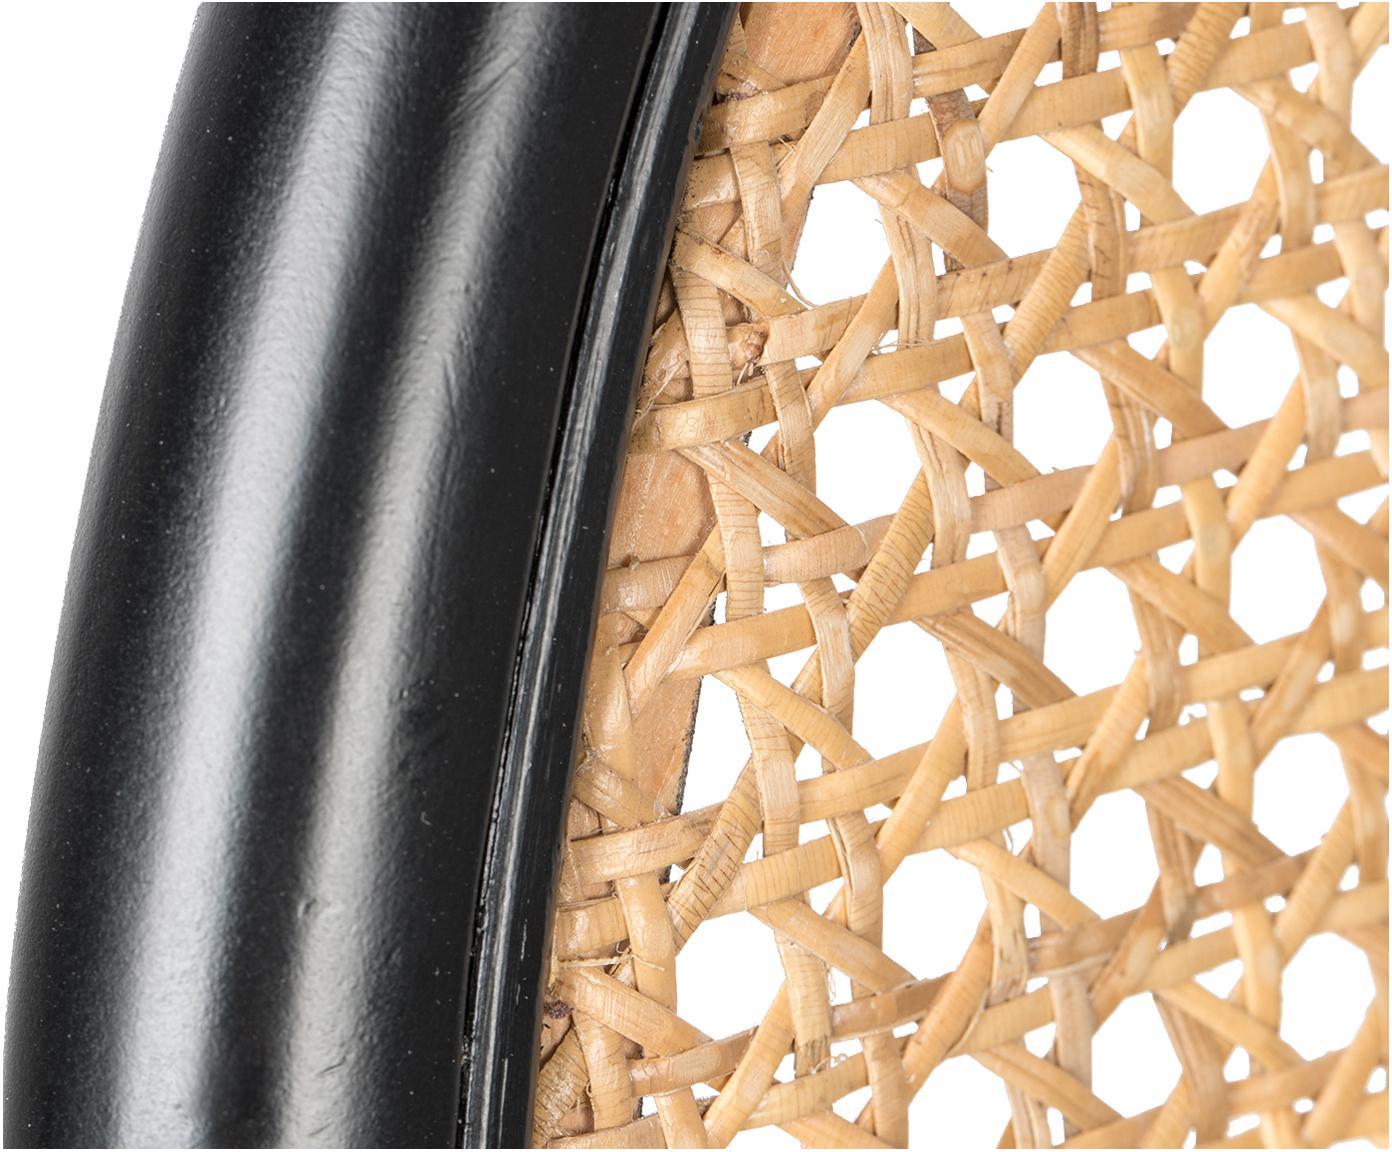 Loungesessel Spike mit Wiener Geflecht, Bezug: Polyester 100.000 Scheuer, Rückenlehne: Rattan, Buchenholz, Beine: Metall, pulverbeschichtet, Beige, Rosa, B 79 x T 70 cm